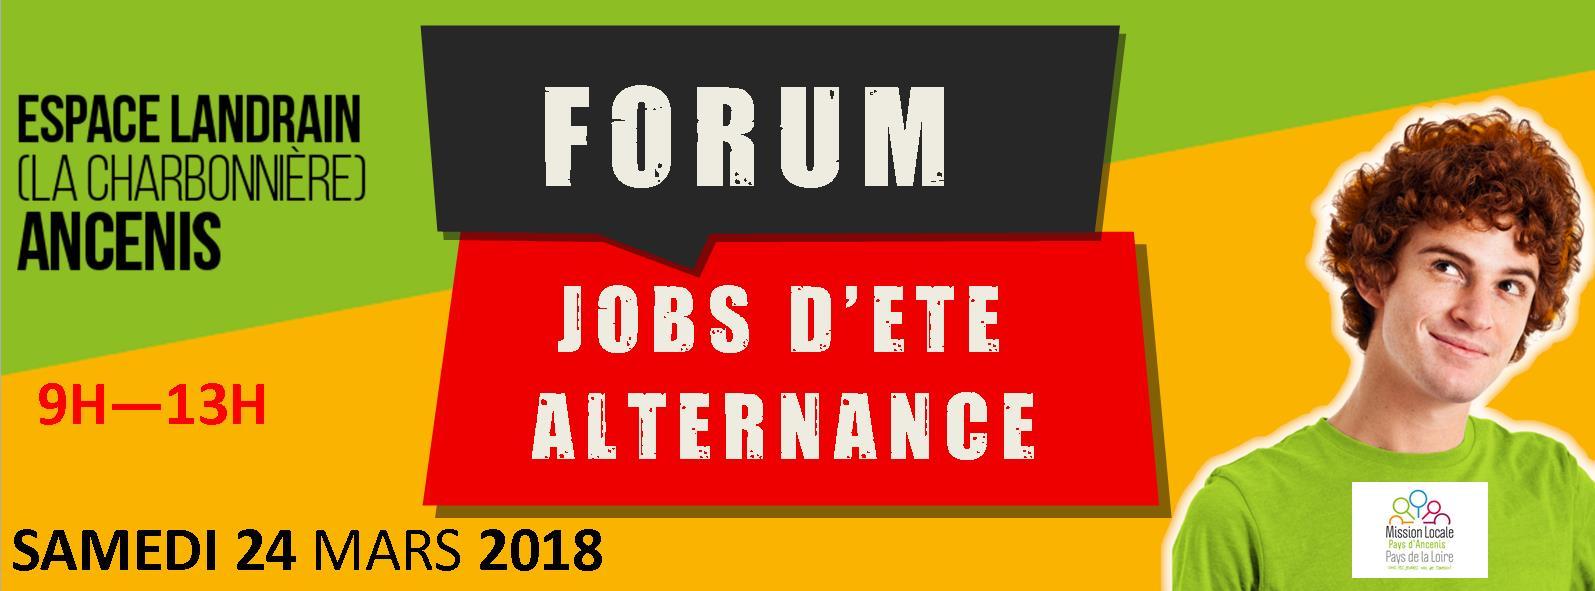 Forum jobs d'été alternance 2018 - 9h 13h - A la Charbonnière Espace Landrain